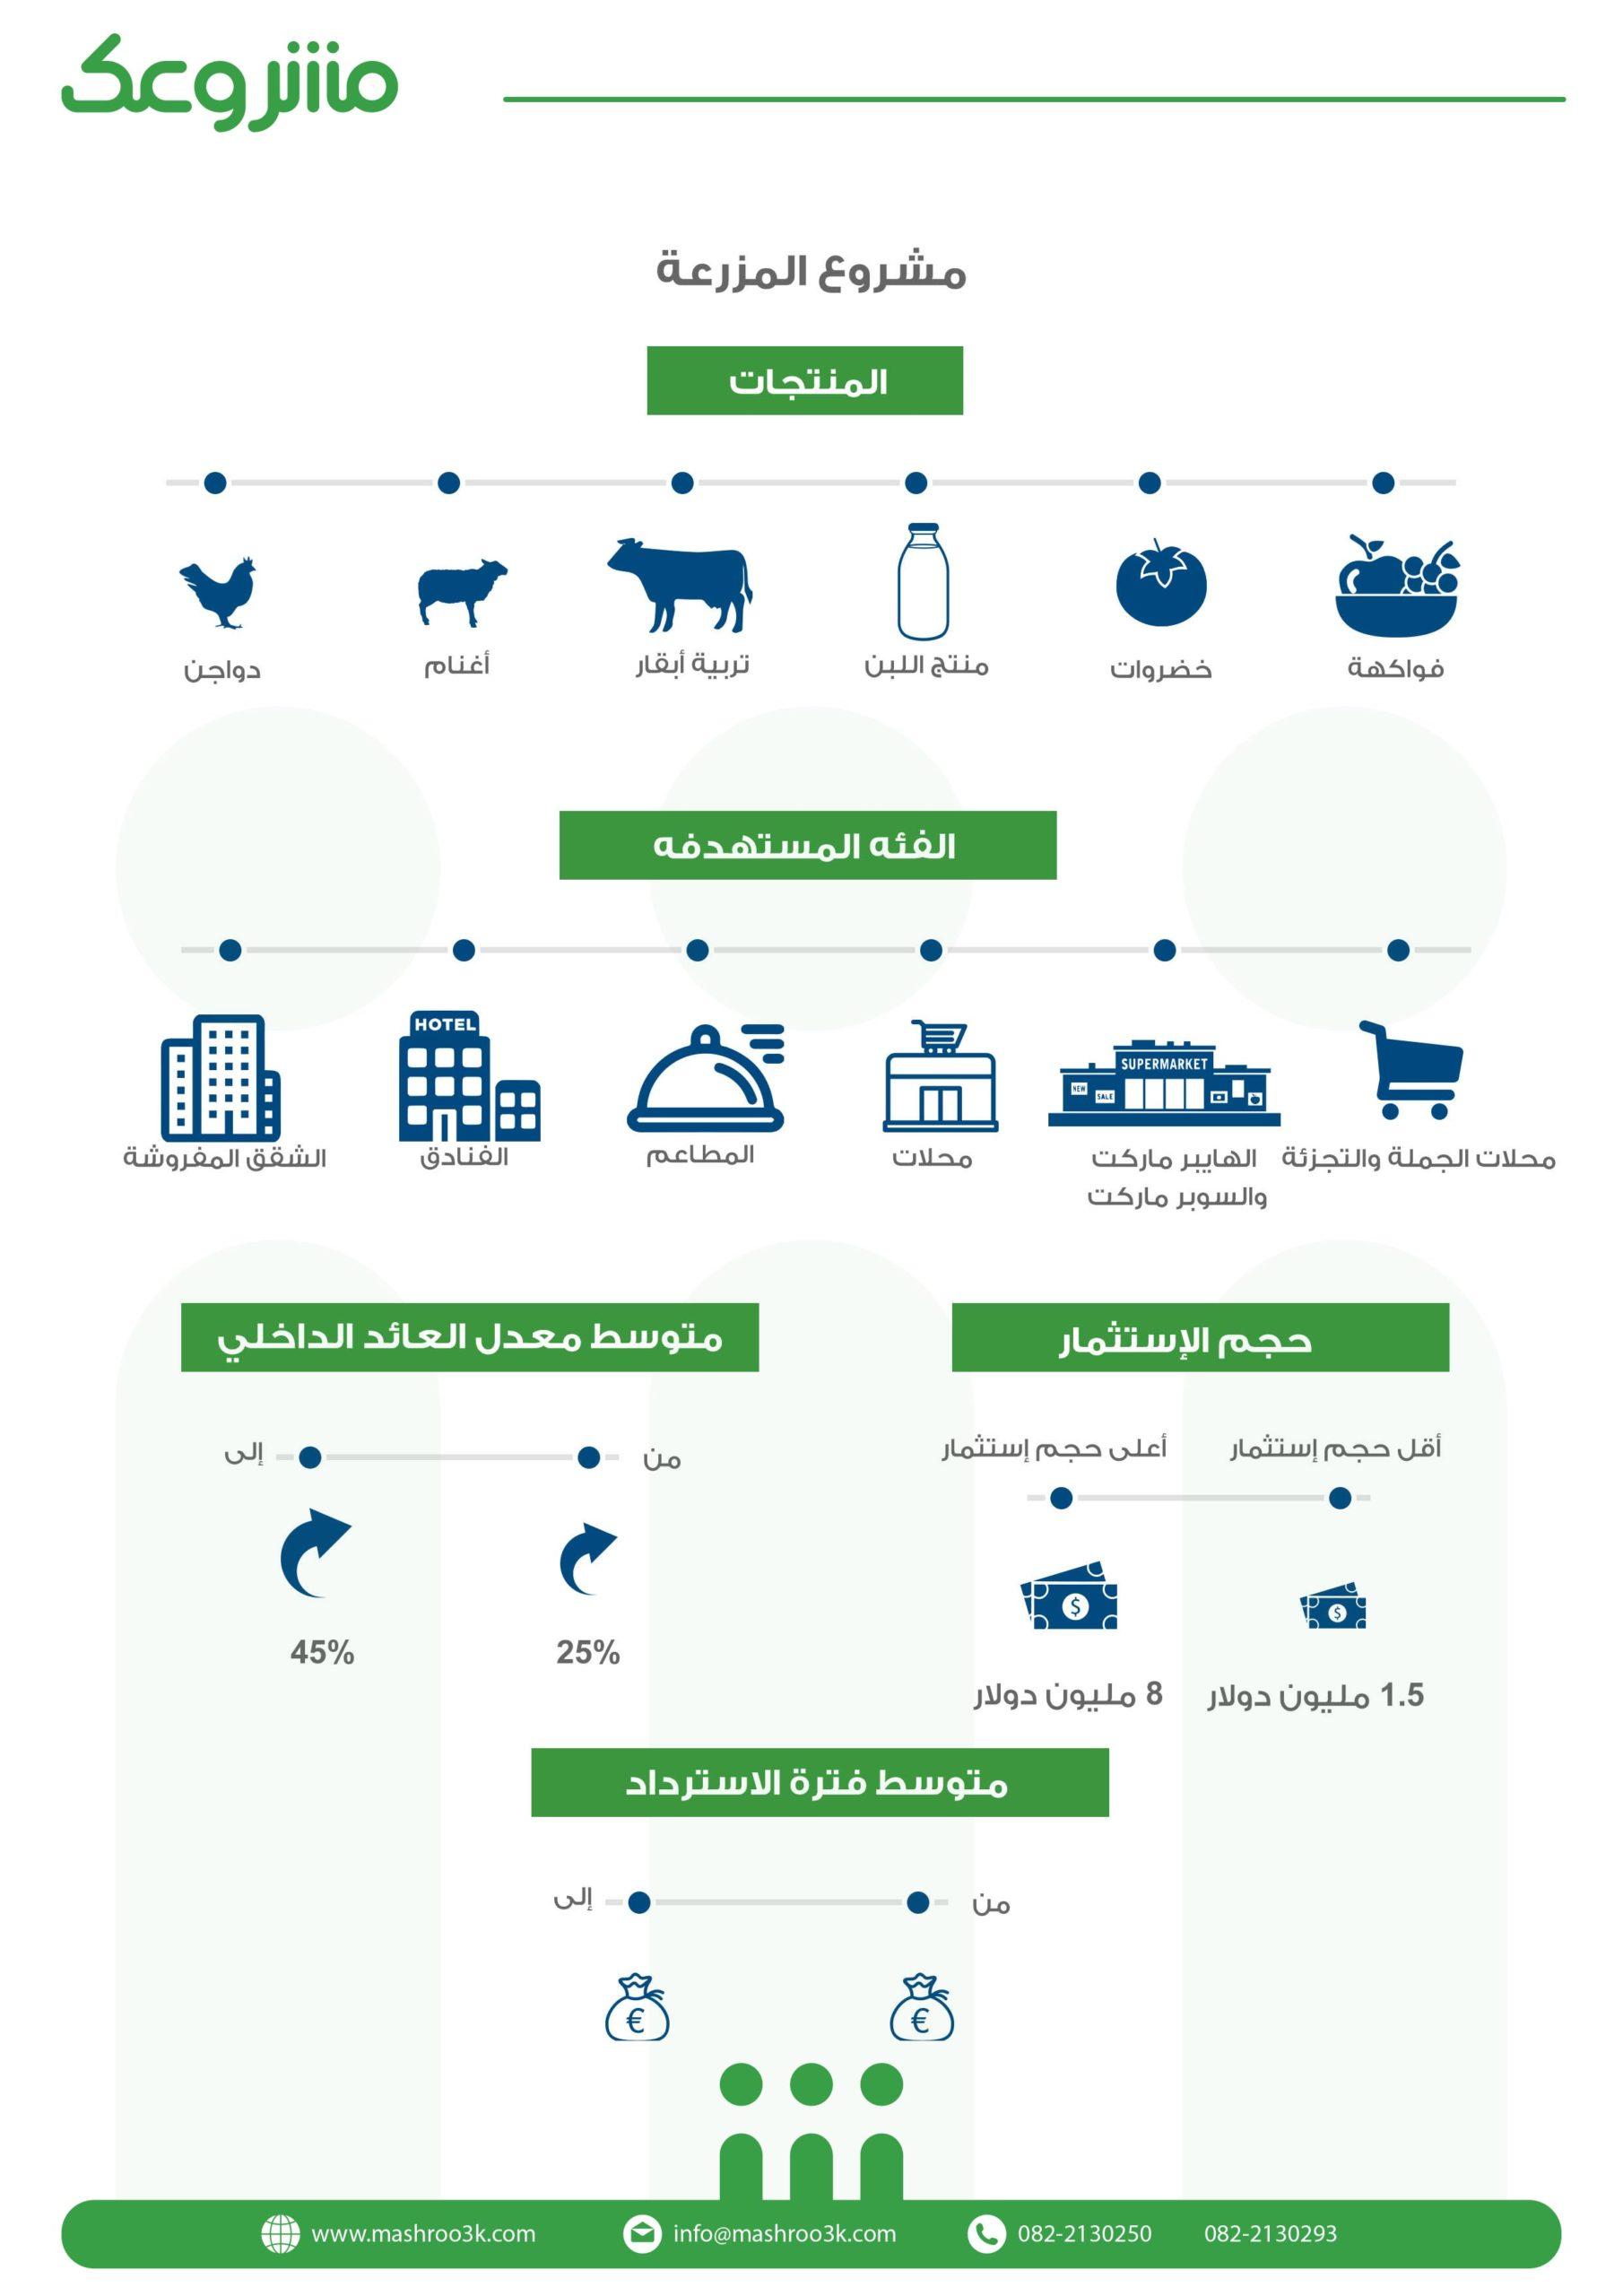 المؤشرات المالية لمشروع مزرعة